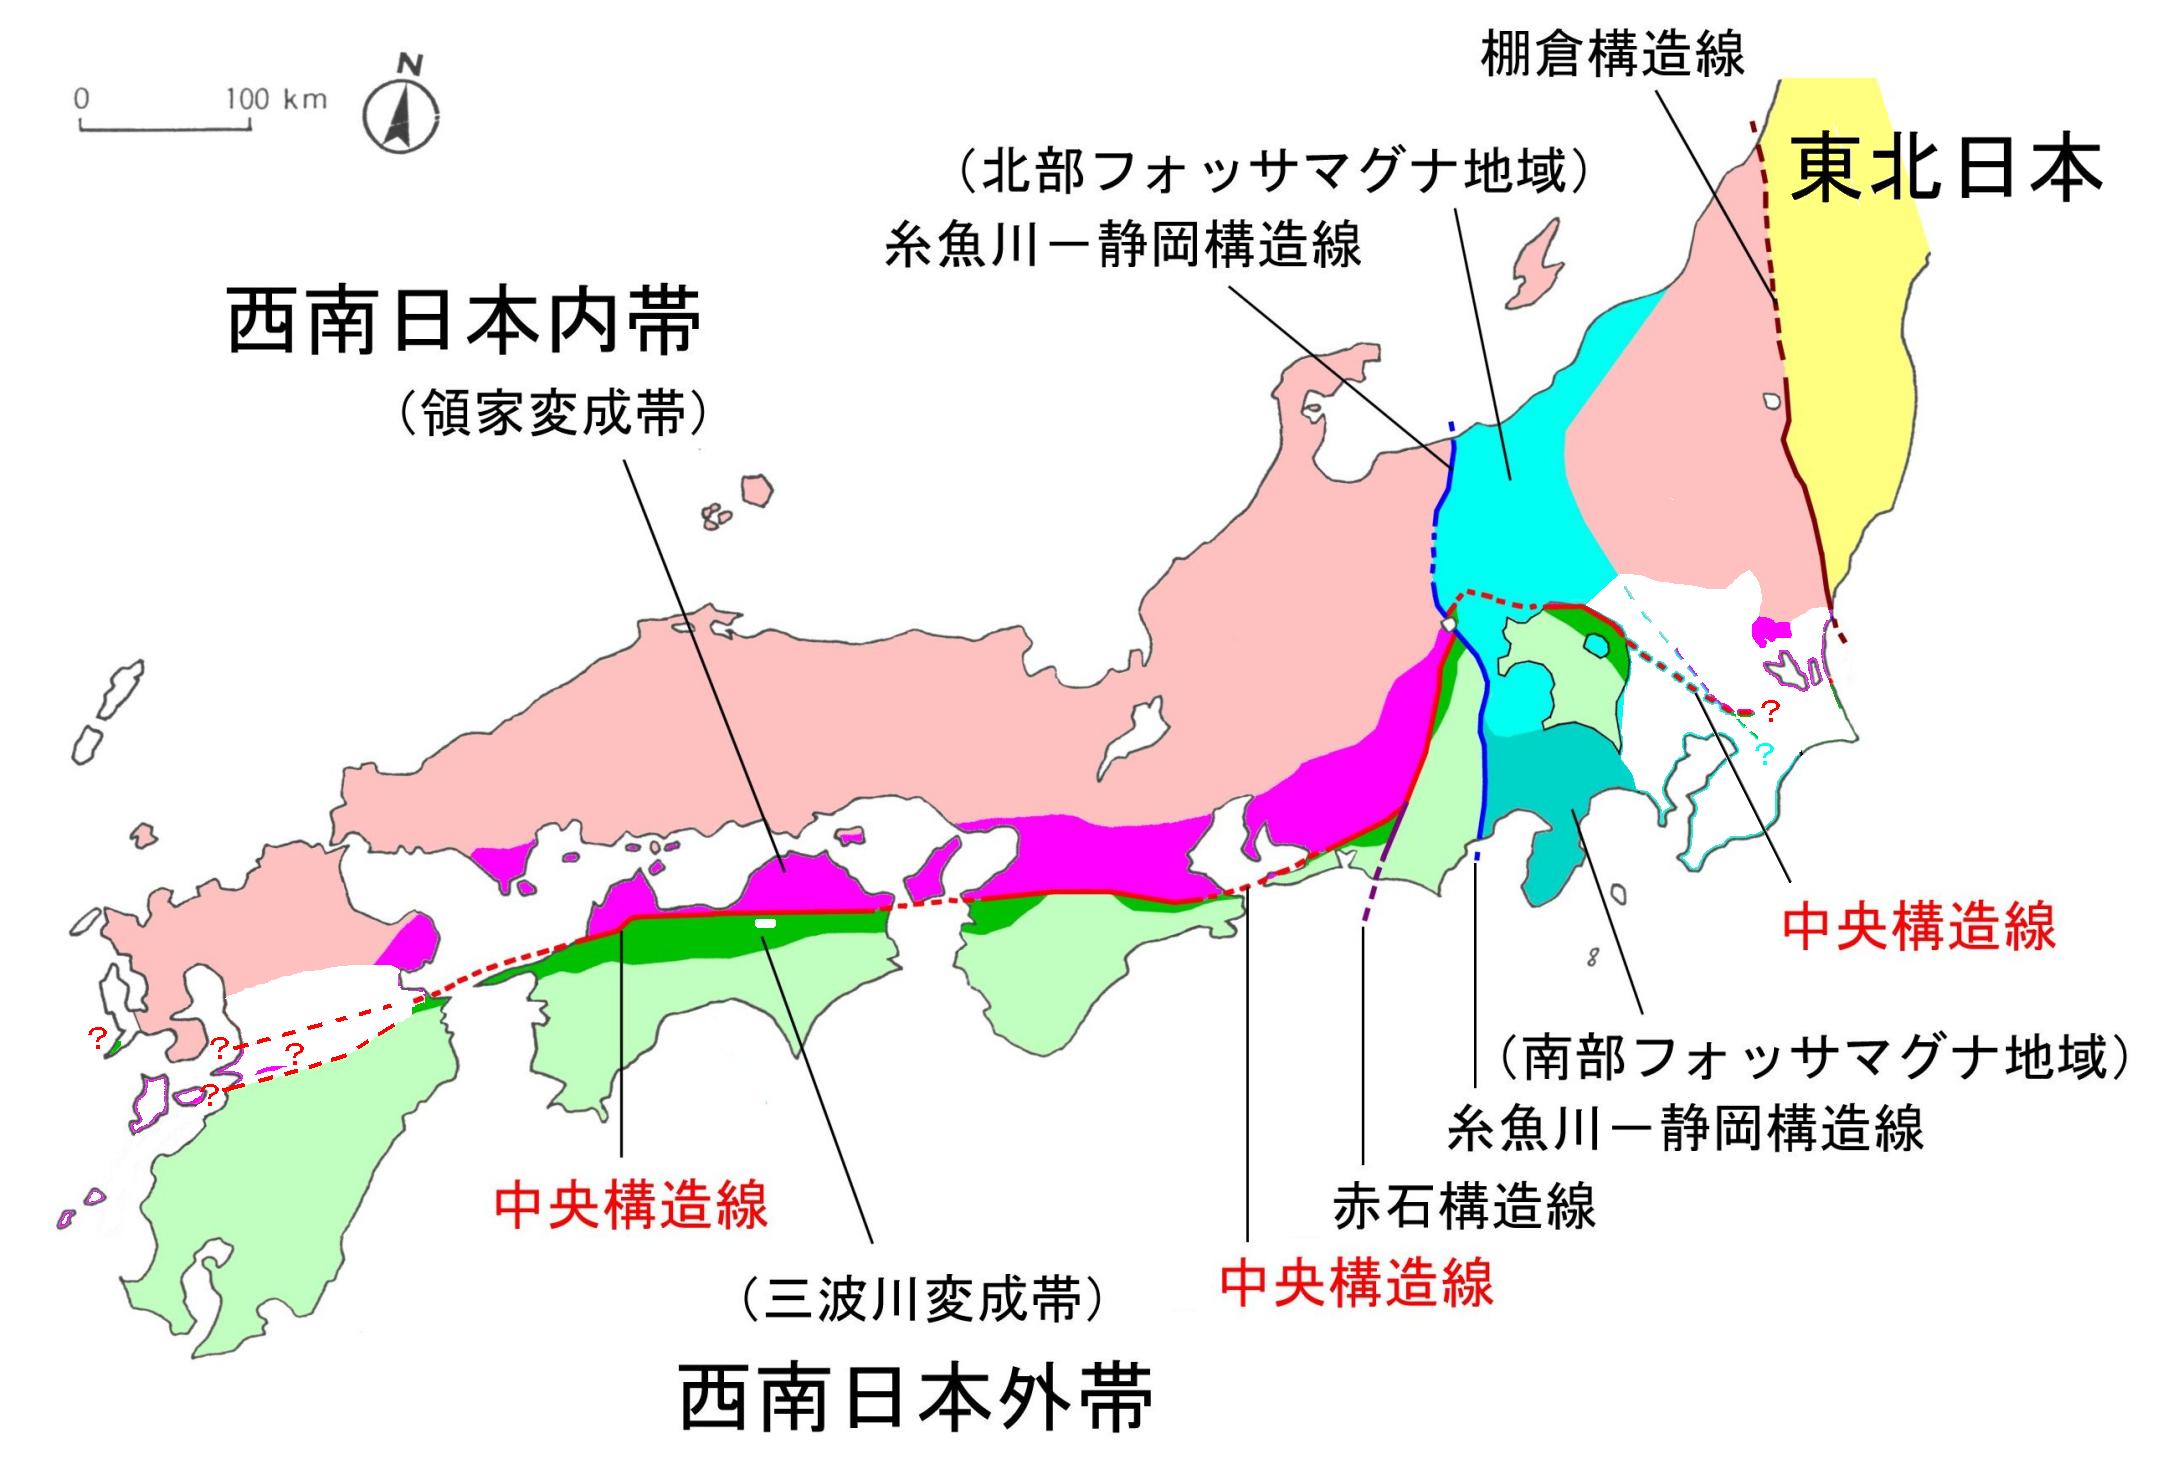 ce199de888d5b29bd47d33938aa41659 - 【地震】群馬県で震度5弱。6月17日 15時27分ごろ